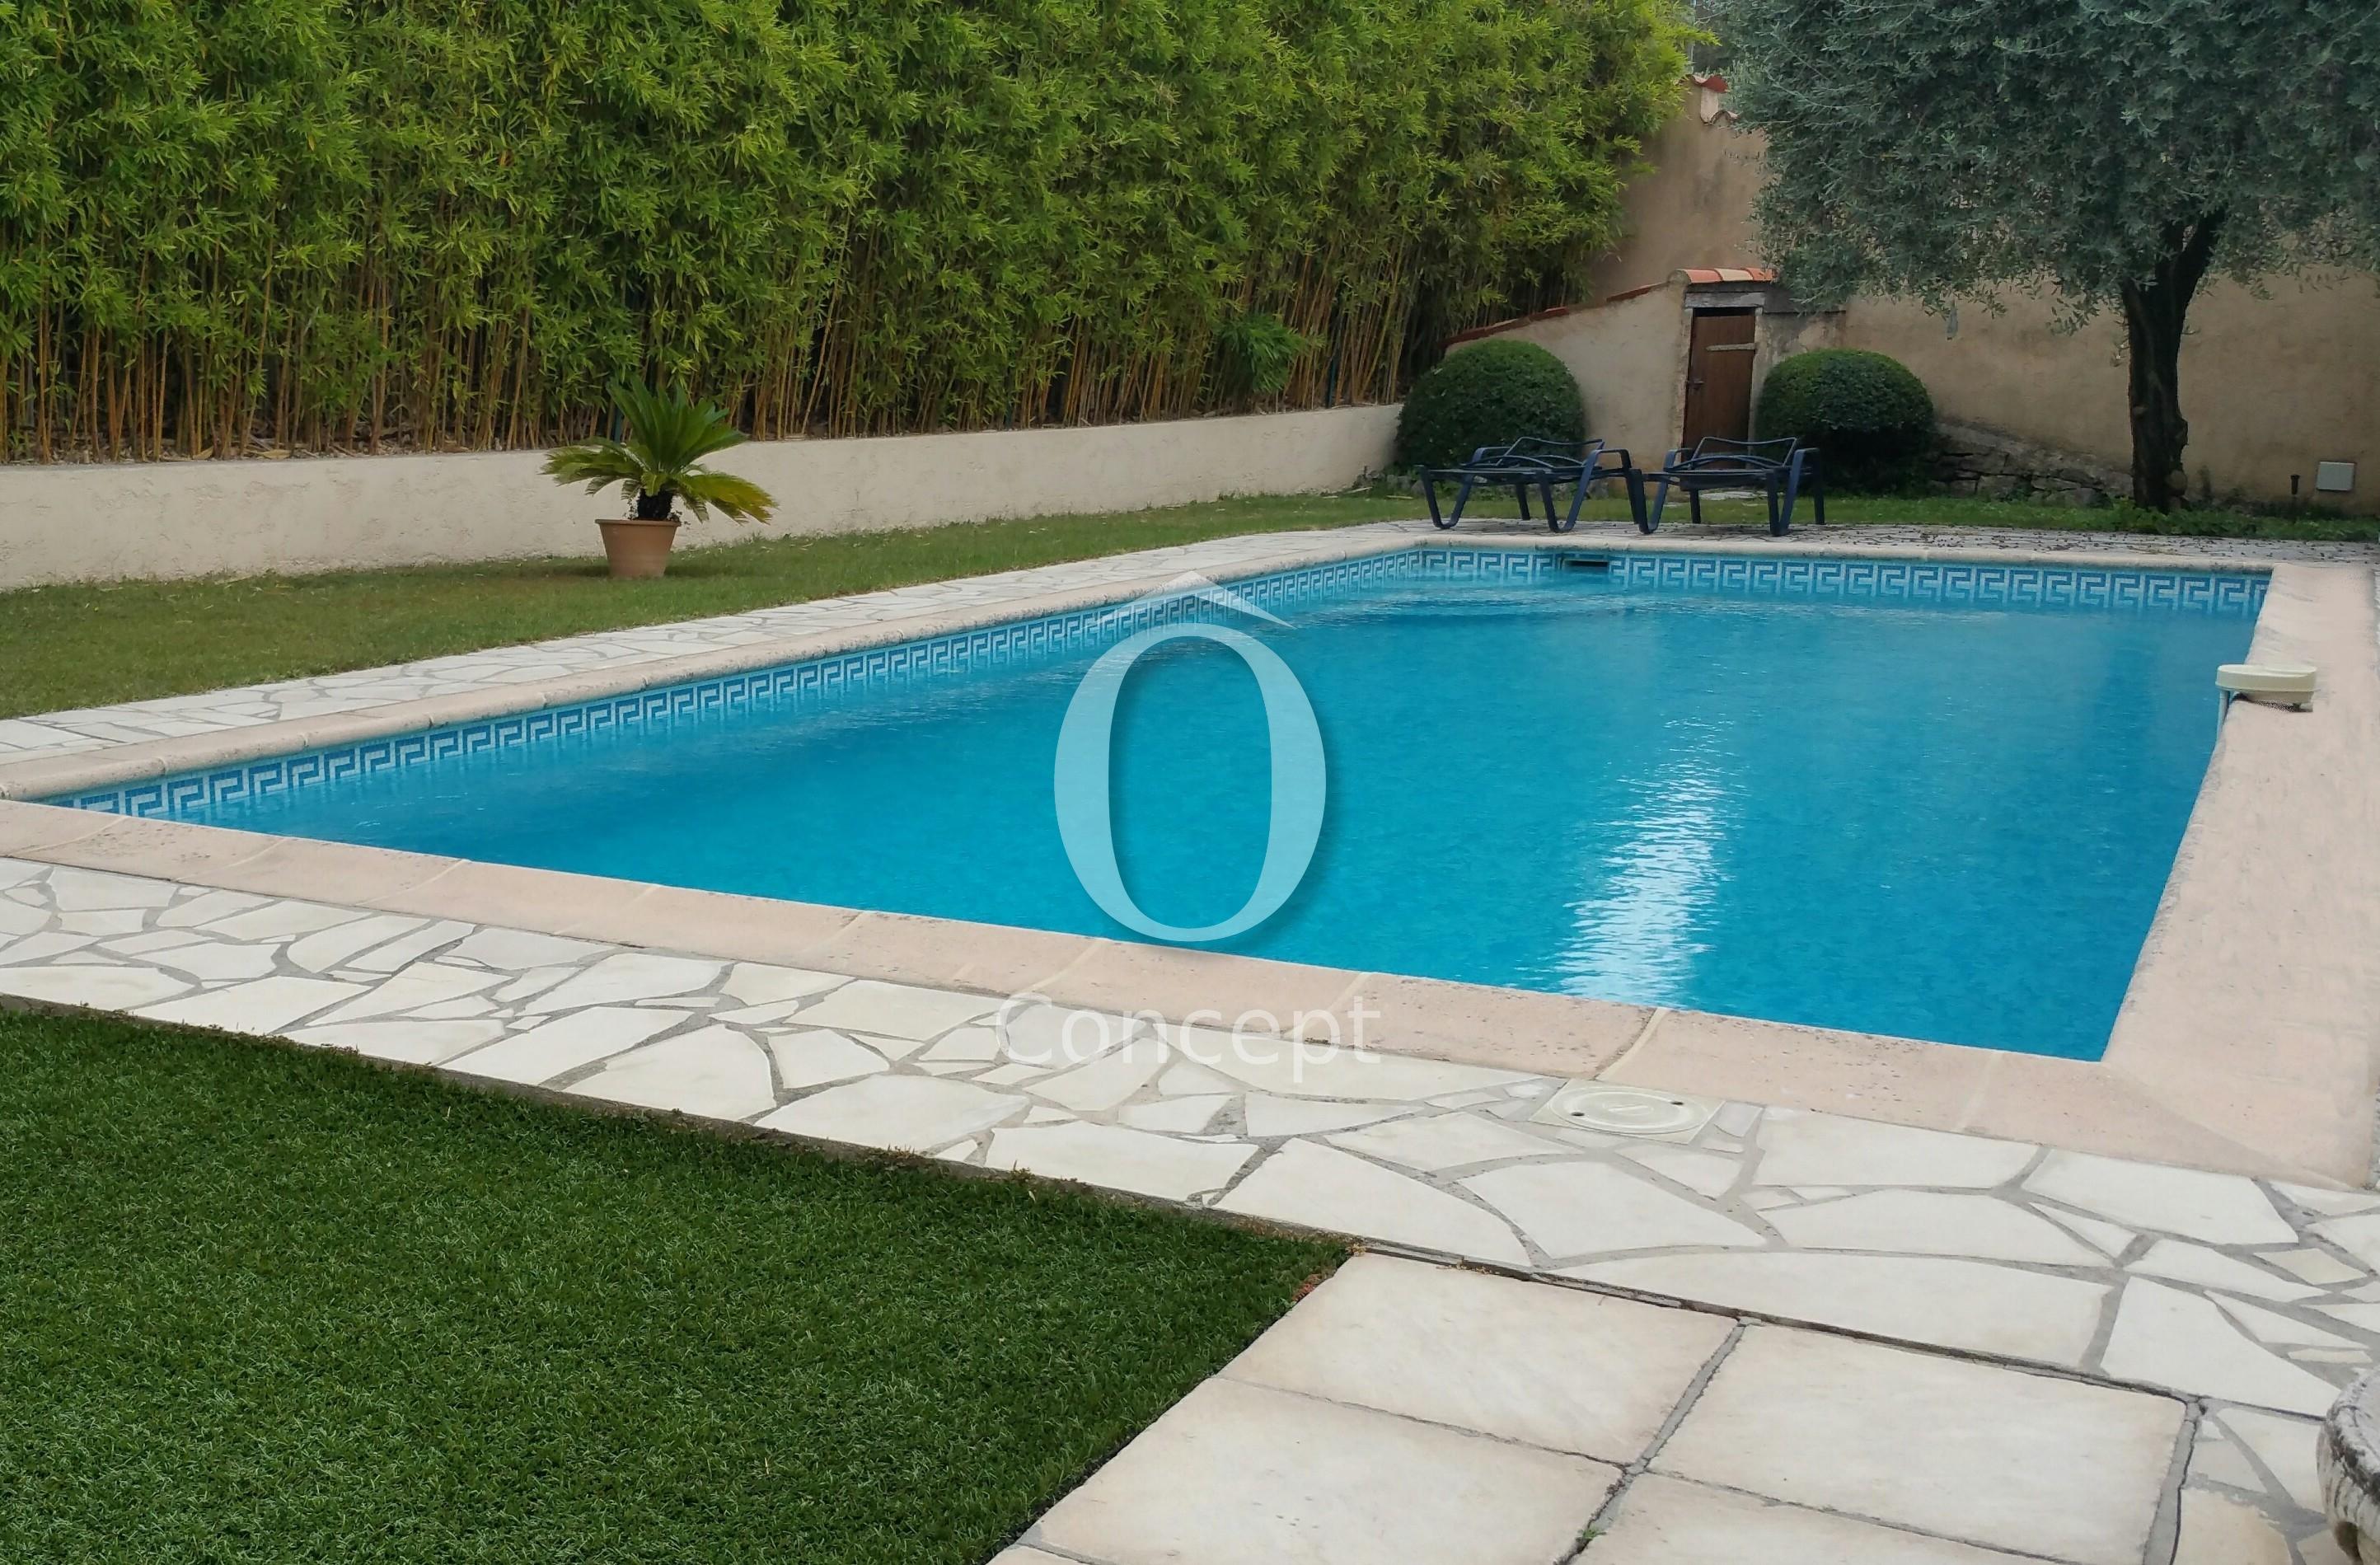 Piscine turquoise mélange «Océan» Ô Concept frise petite grecque